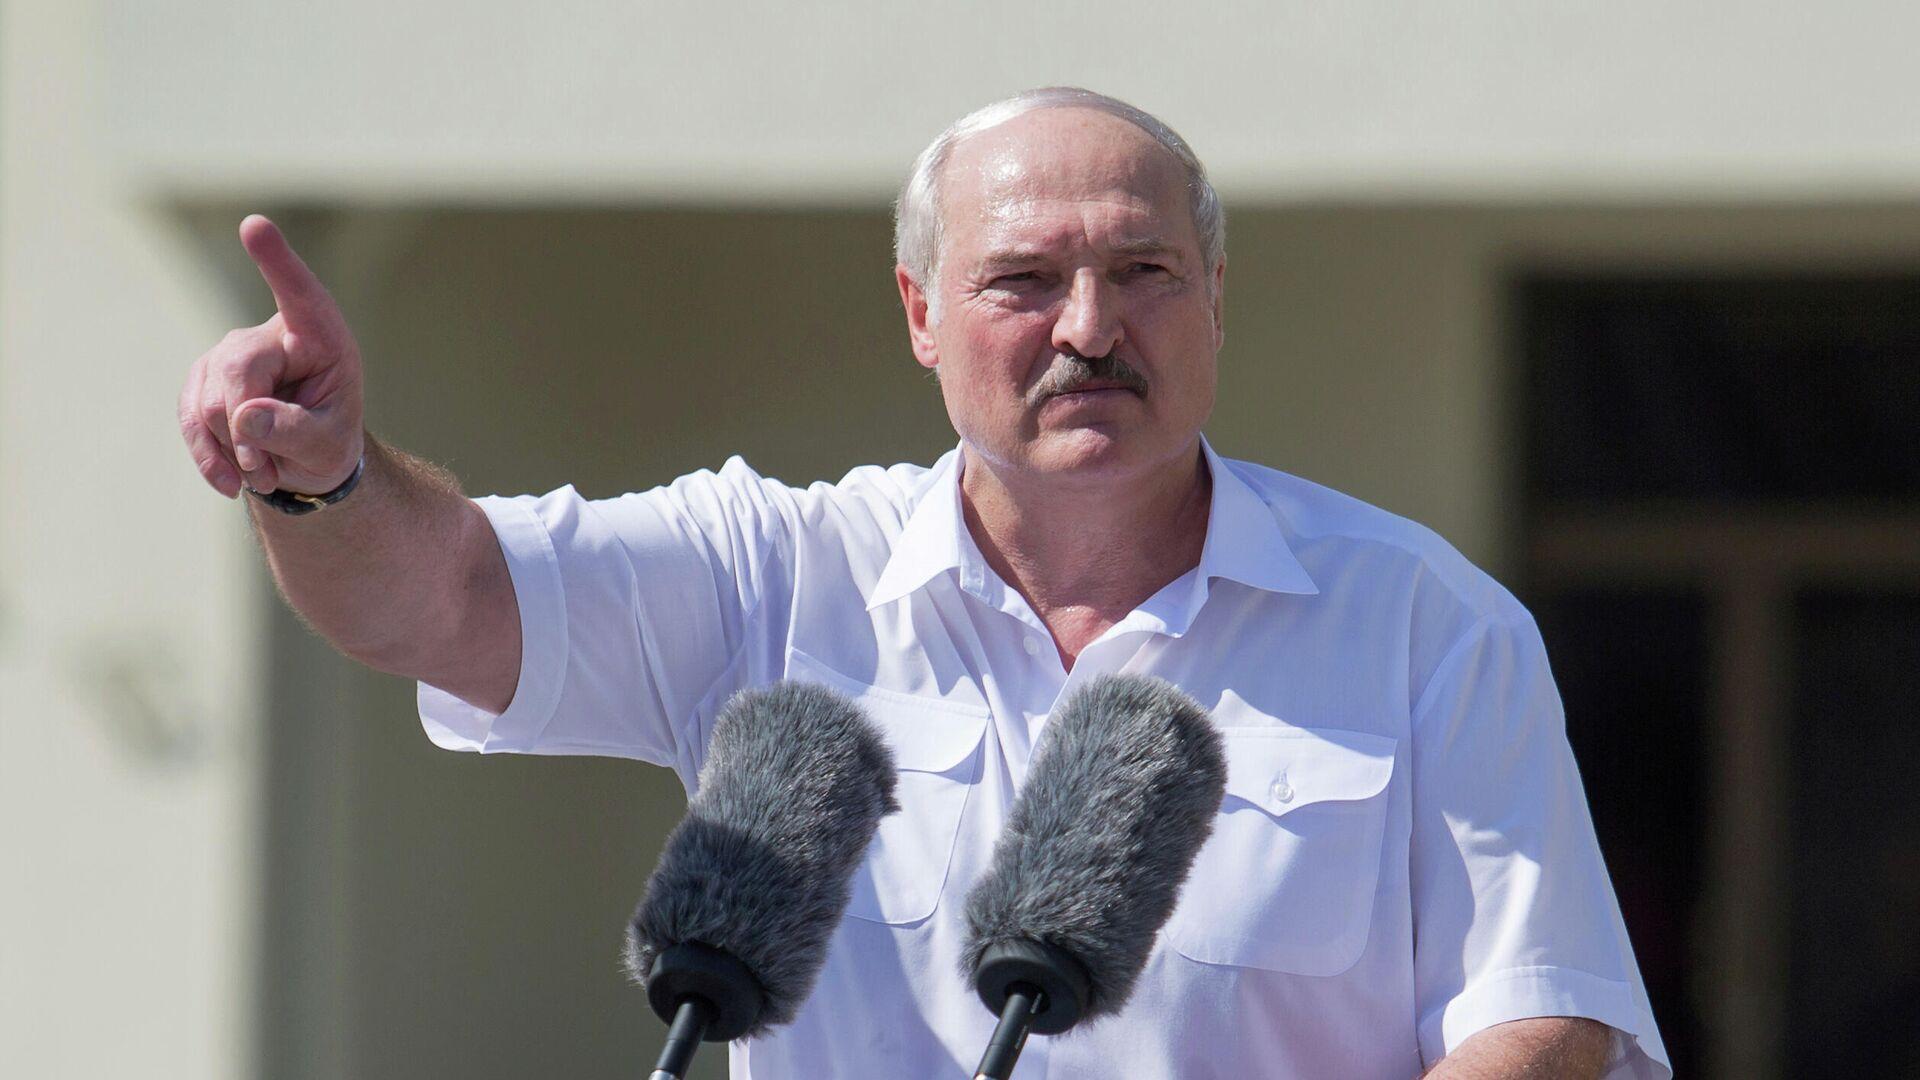 Президент Белоруссии Александр Лукашенко во время выступления в Минске - РИА Новости, 1920, 09.09.2020